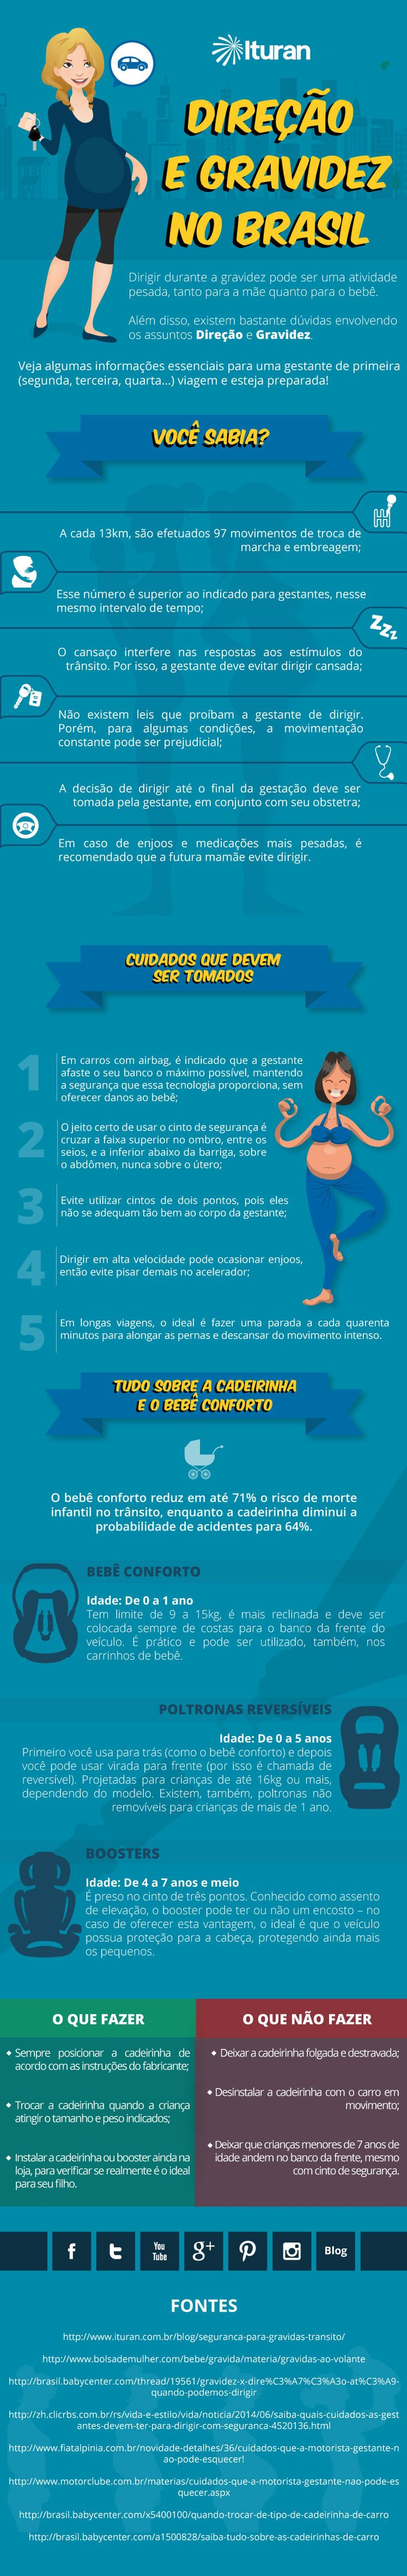 Saiba, no infográfico de hoje, qual é a legislação, quais são as recomendações e tudo o que você queria saber sobre direção e gravidez! http://www.ituran.com.br/